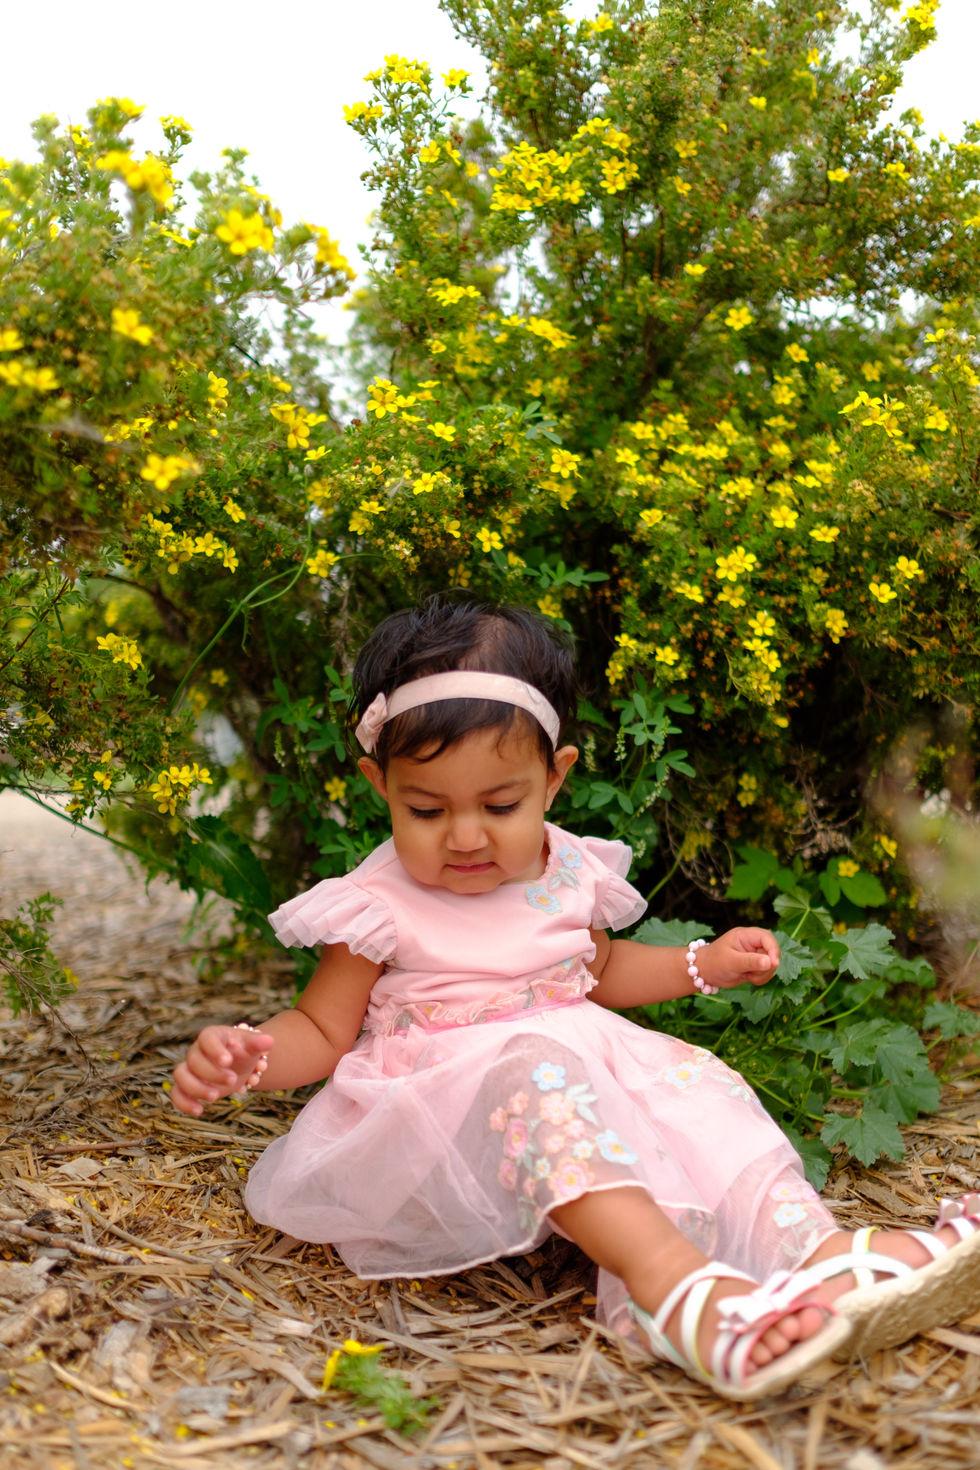 Prisha in the park-10.jpg